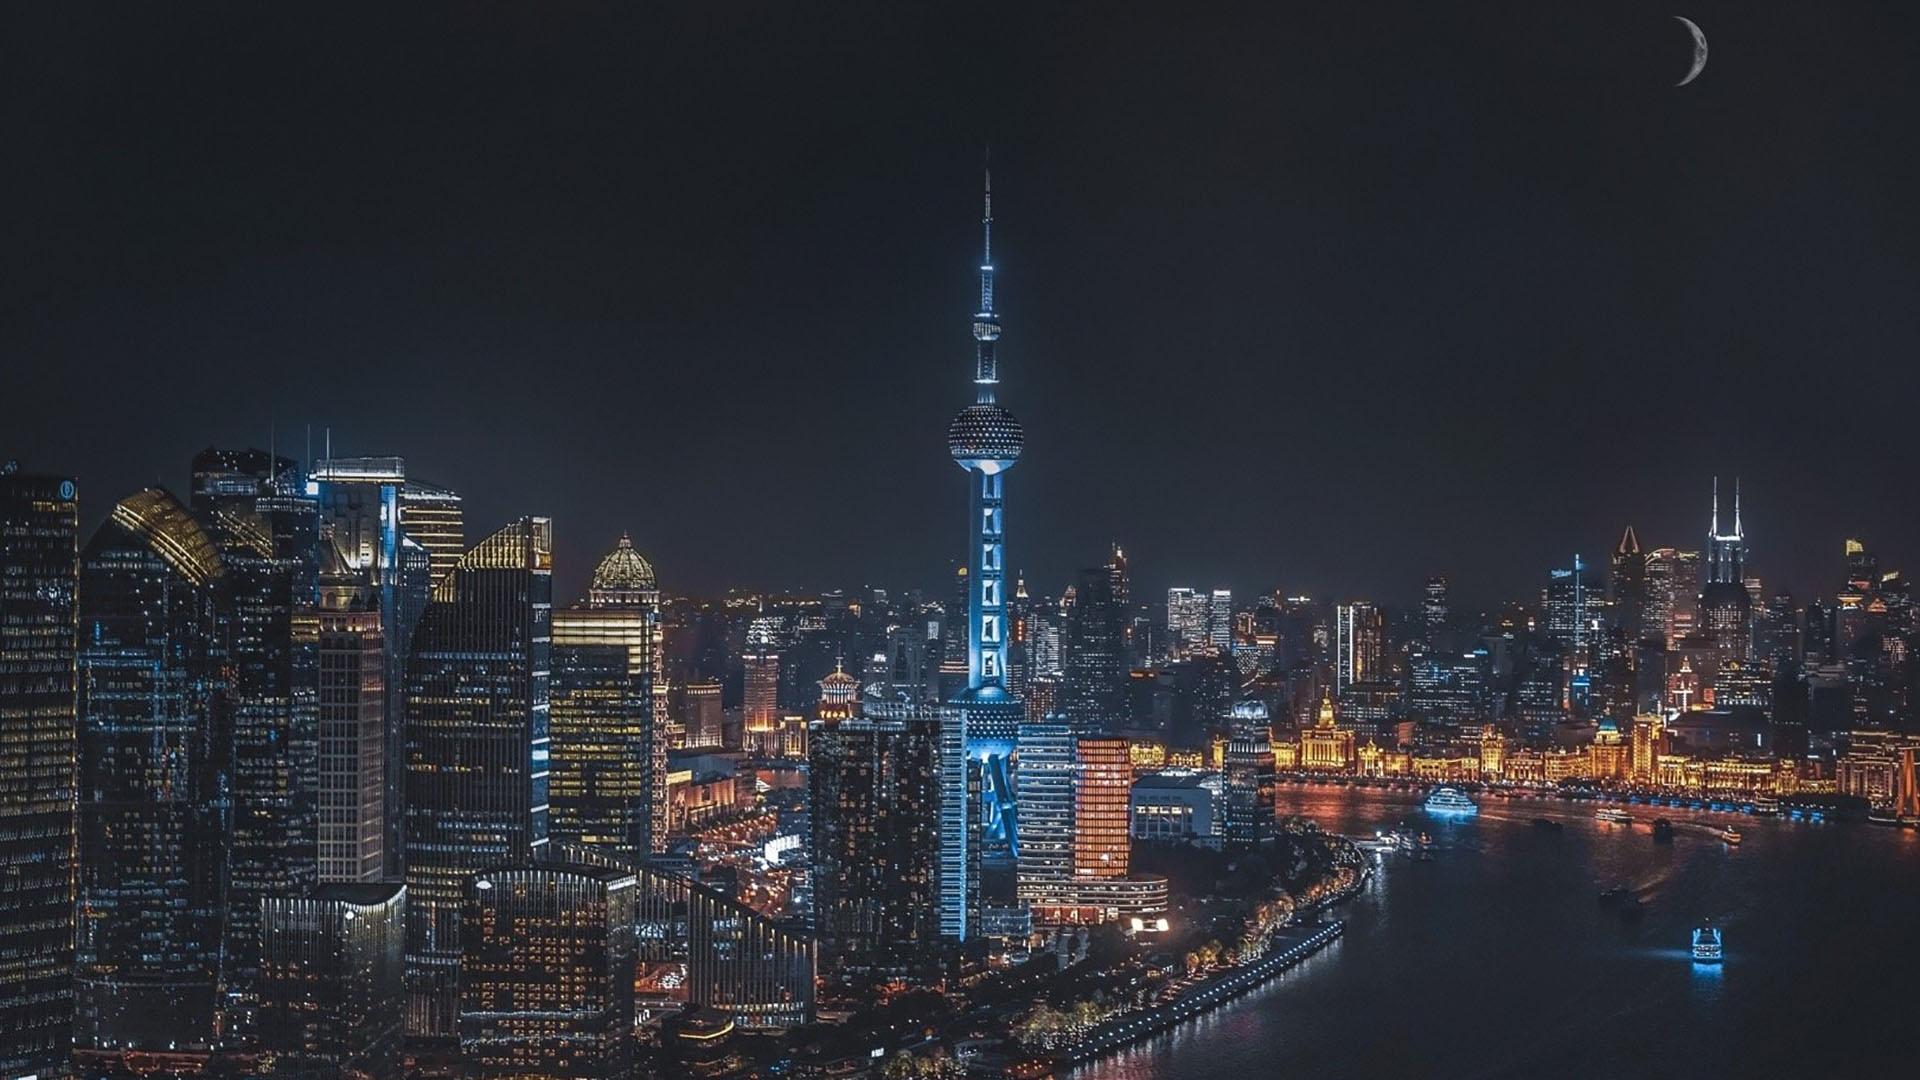 夜晚城市唯美景色图片